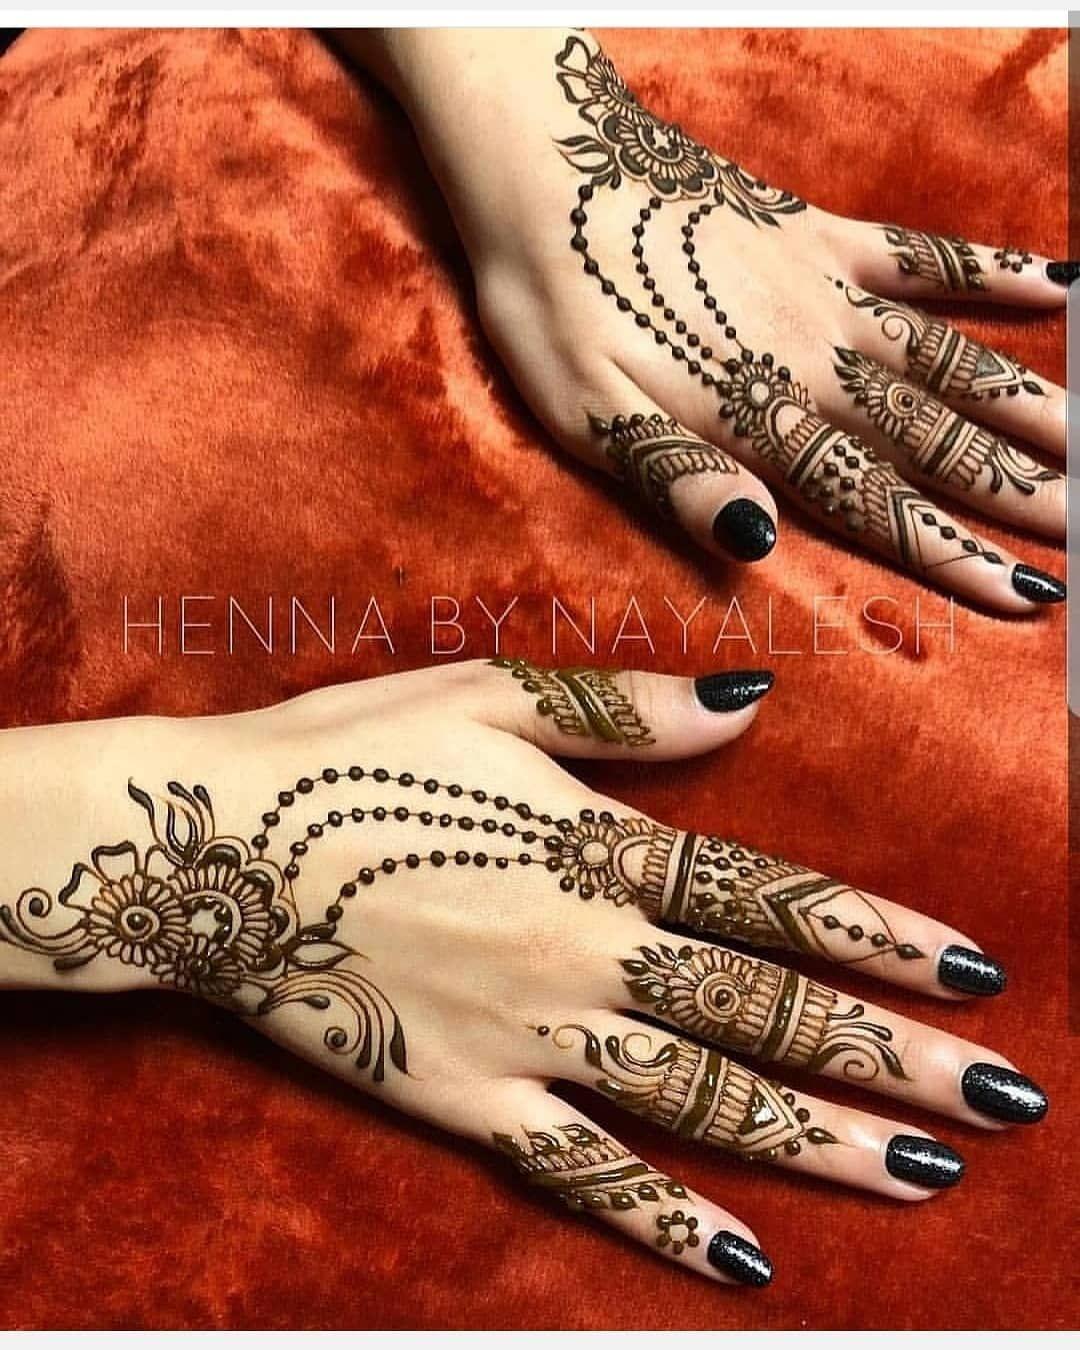 الحناء تسنيم للحناء في شهر رمضان و عيد استقبلي الشهر الفضيل مع اجمل نقوش الحناء نقوش حناءعلى شكل هلال و نجمة من مختلف ال Henna Hand Tattoo Hand Henna Henna